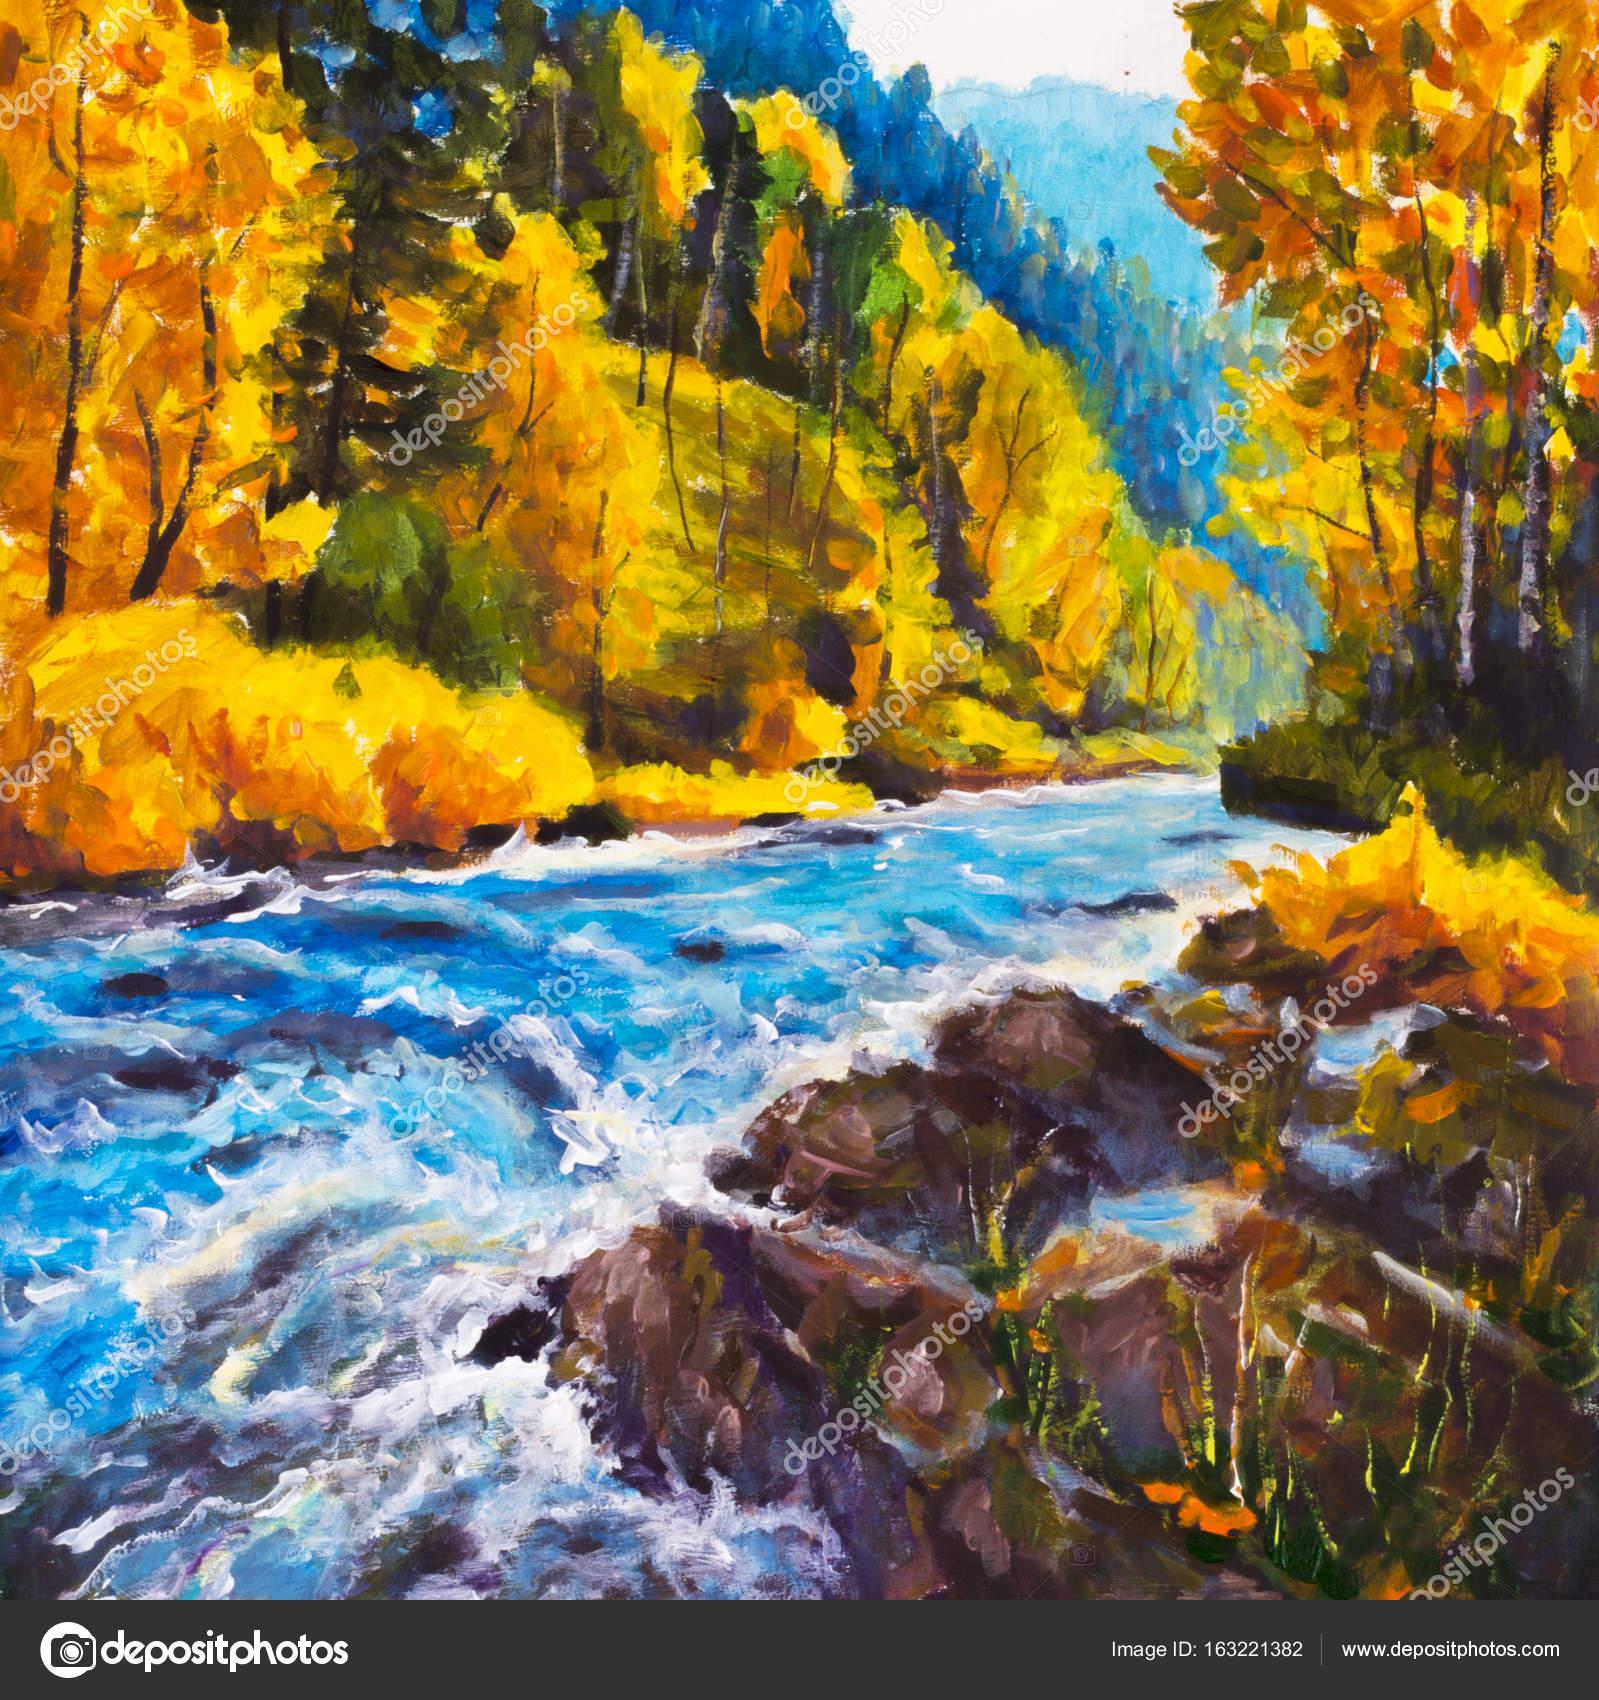 Dağ Mavi Nehir Altın Sonbahar Orijinal Yağlı Boya Tuval üzerine